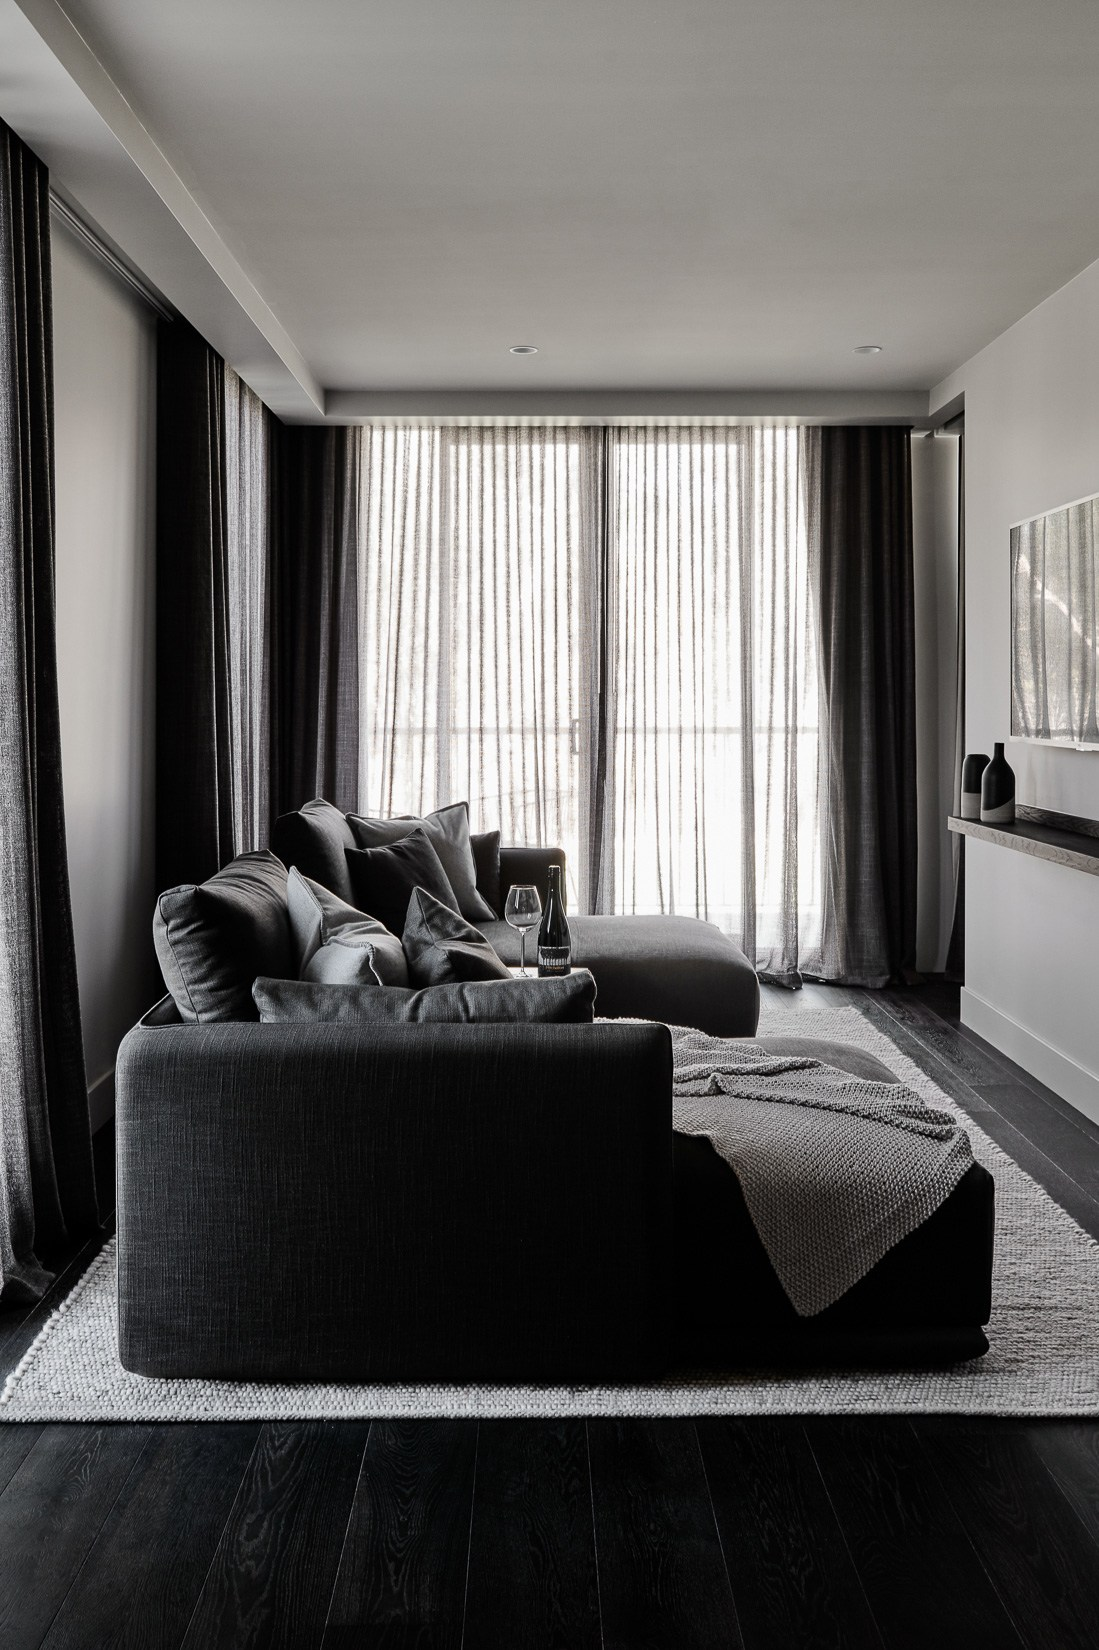 Mitchelton-Winery-Hotel-in-Nagambie-Hecker-Guthrie-Tom-Blachford-14.jpg